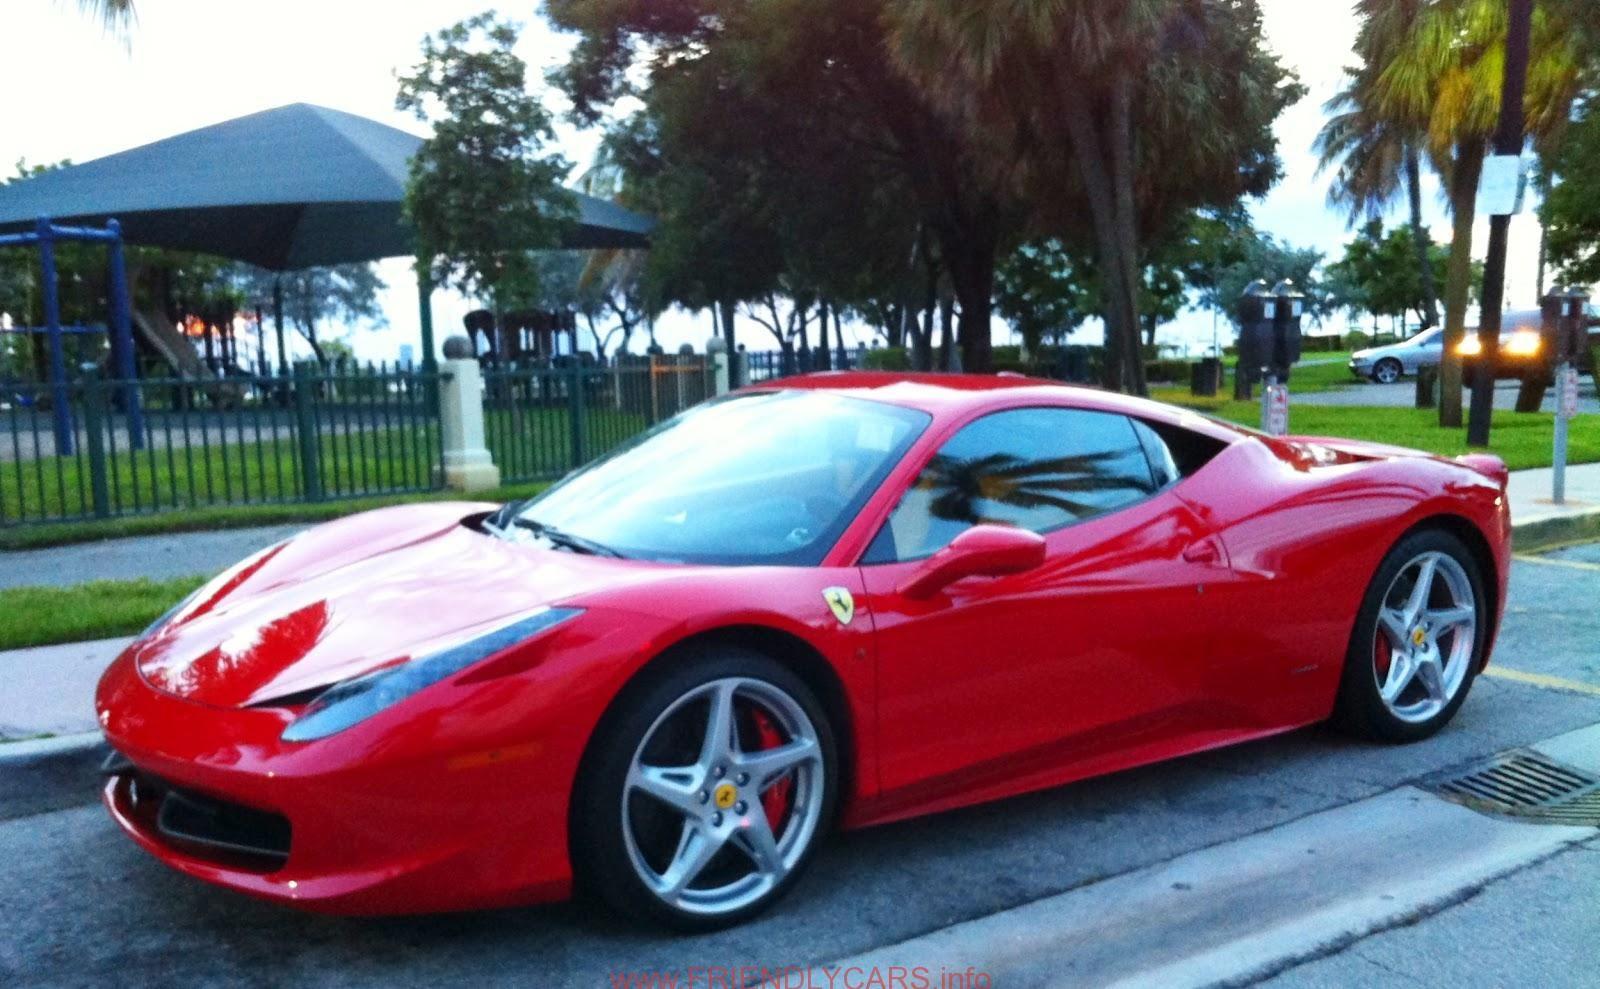 cool ferrari 458 italia white red interior car images hd